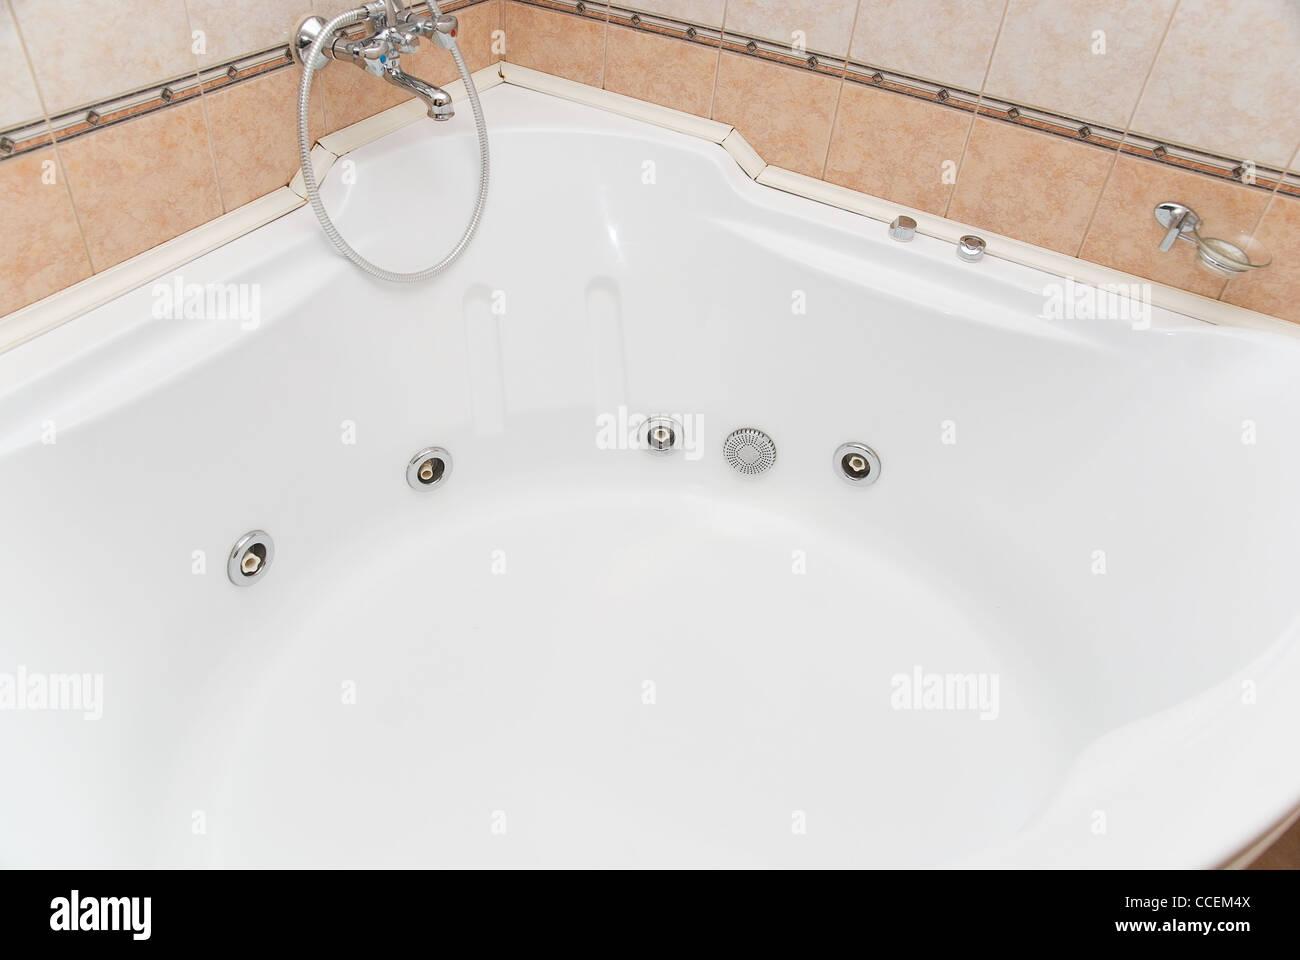 Big Bathtub Spa With Hydro Massage